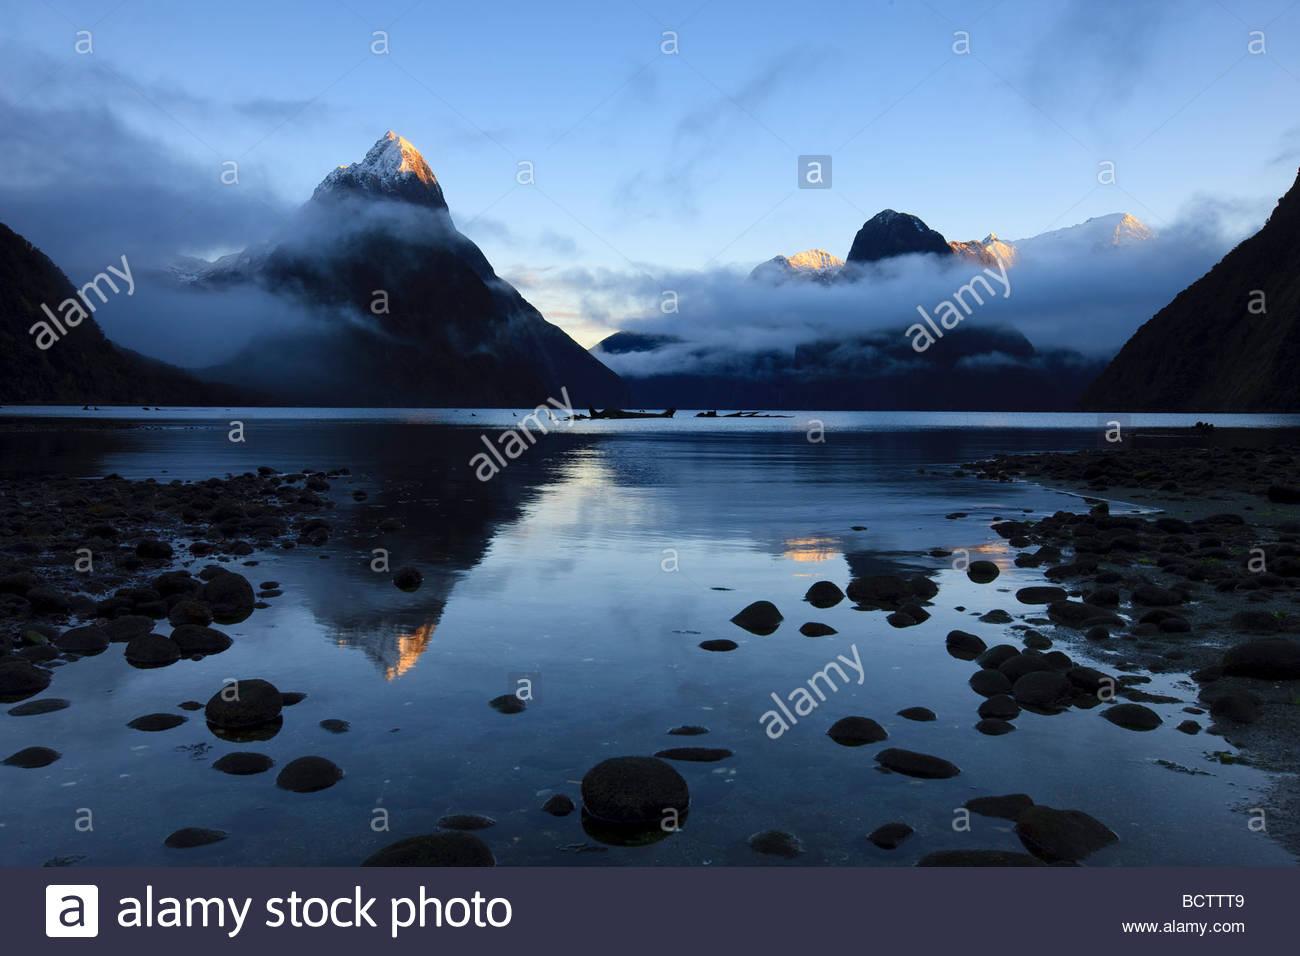 Mitre Peak, Mount Pembroke und andere Berge im Fjordland National Park, New Zealand, spiegeln sich in Milford Sound. Stockbild